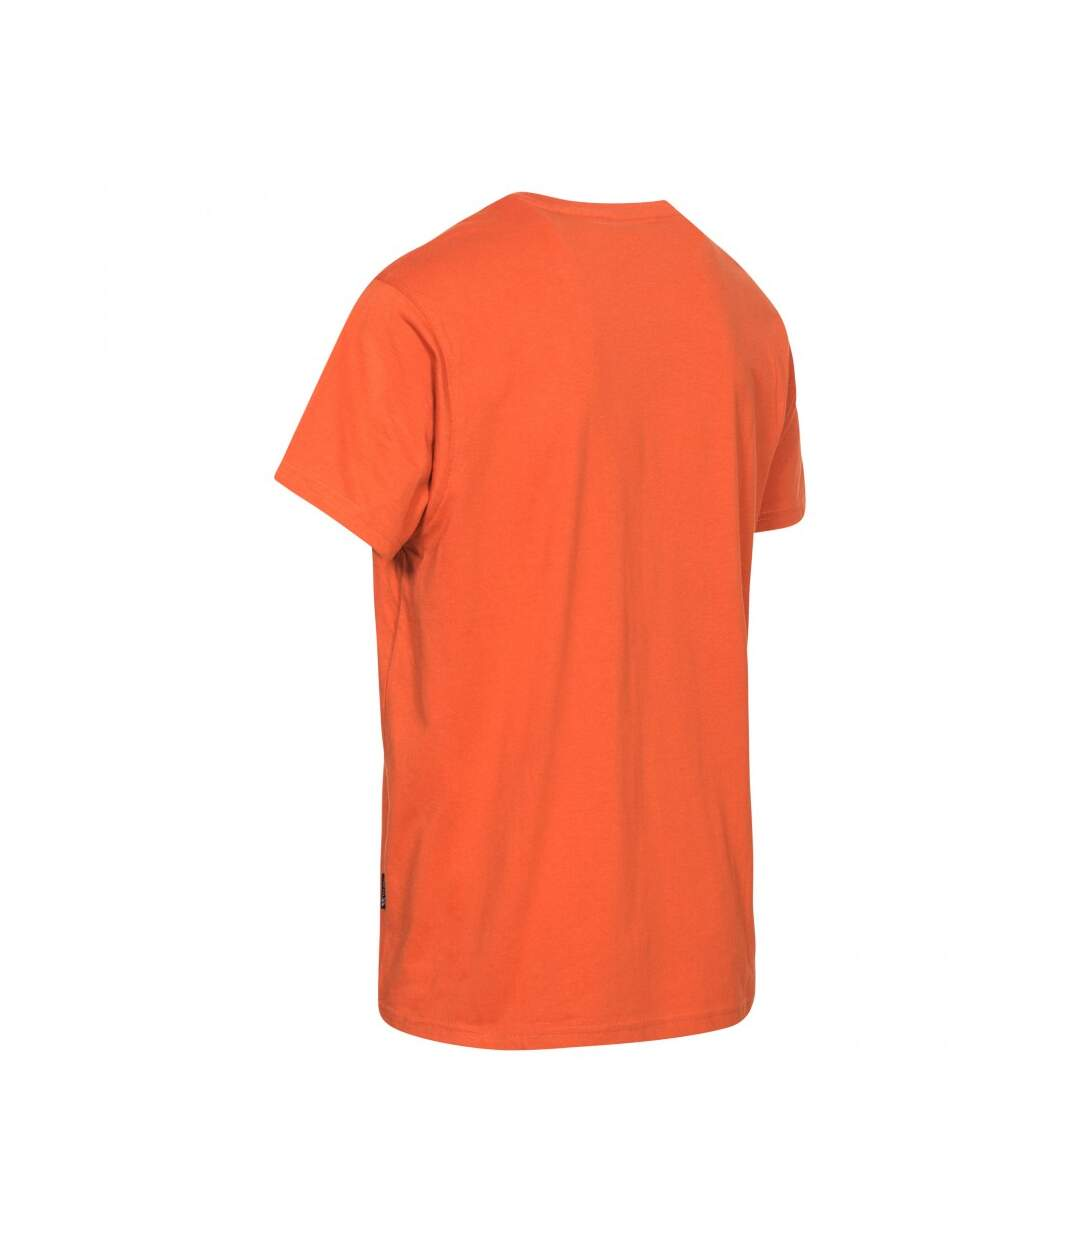 Trespass Mens Peaked Short Sleeve T-Shirt (Burnt Orange) - UTTP4140